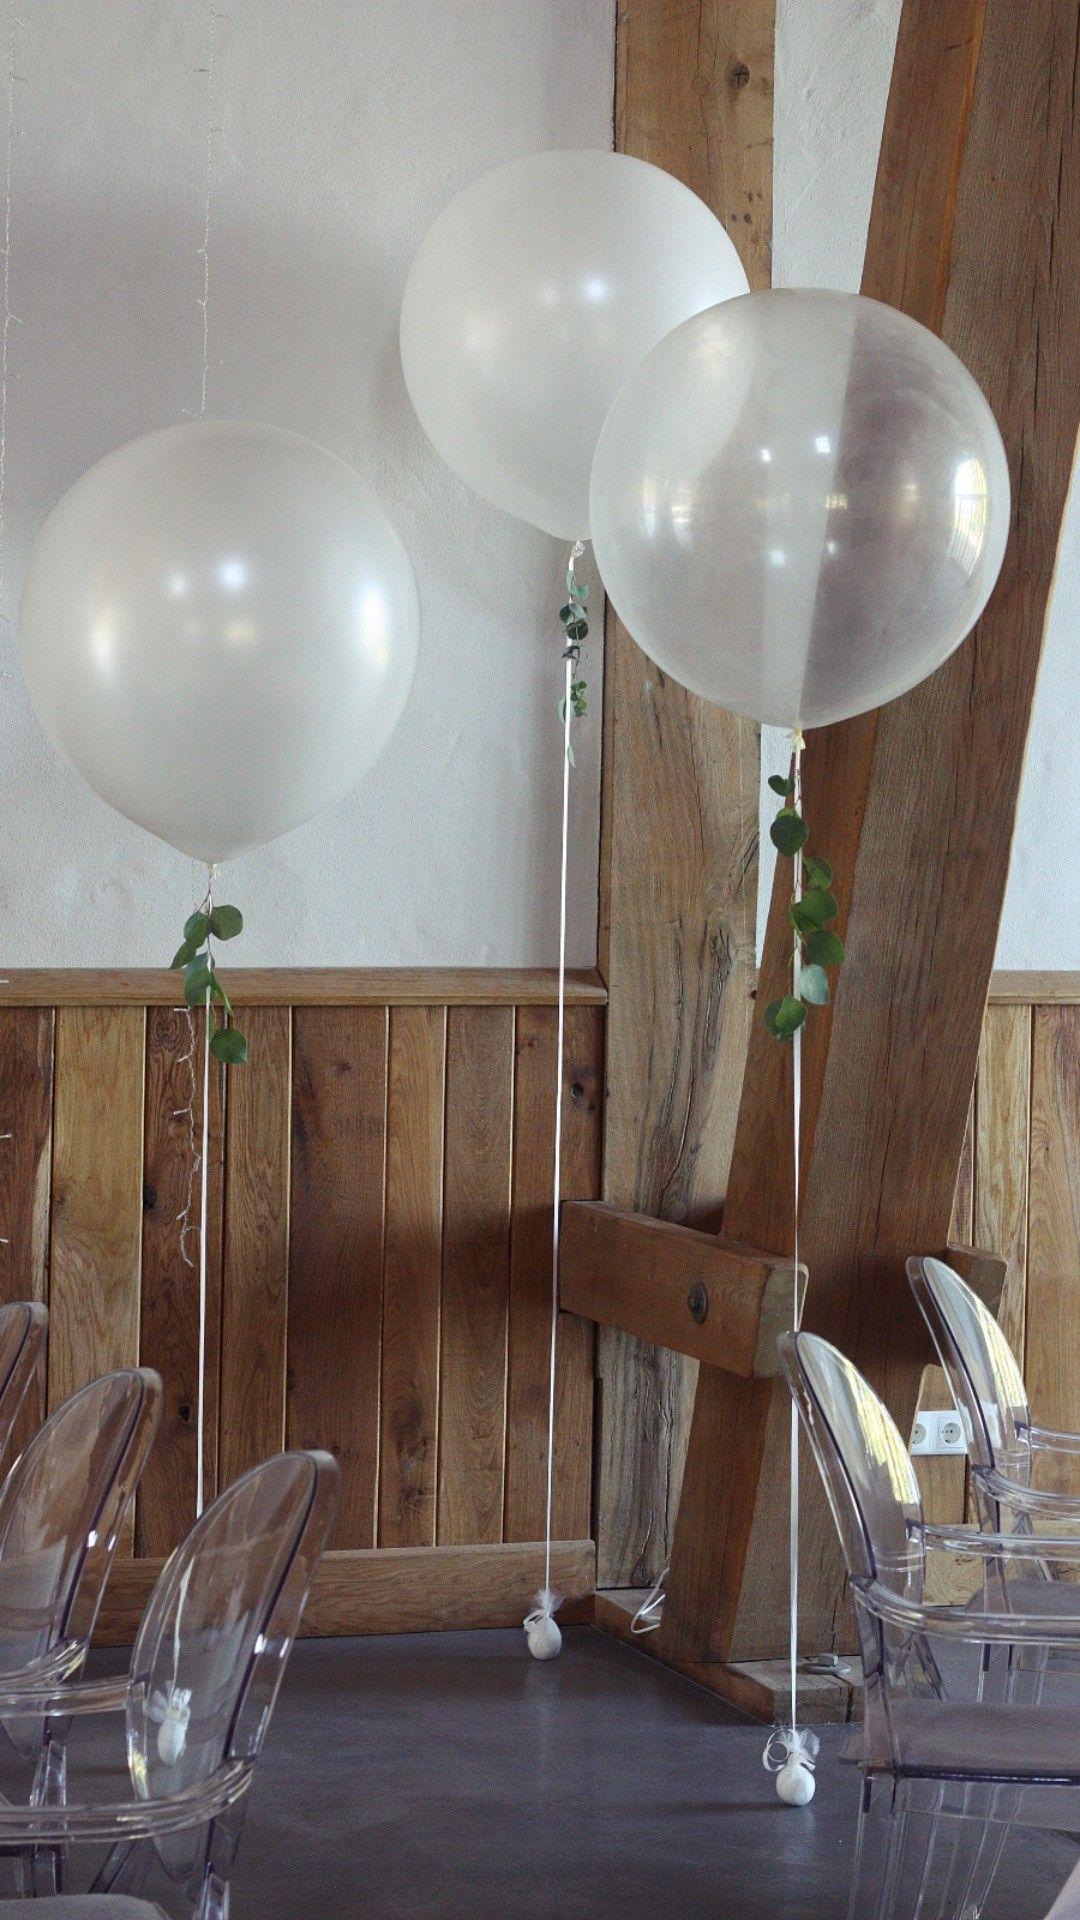 Luftballon Hochzeit Raumdeko Helium In 2020 Vintage Hochzeit Deko Hochzeitsdekoration Luftballons Hochzeit